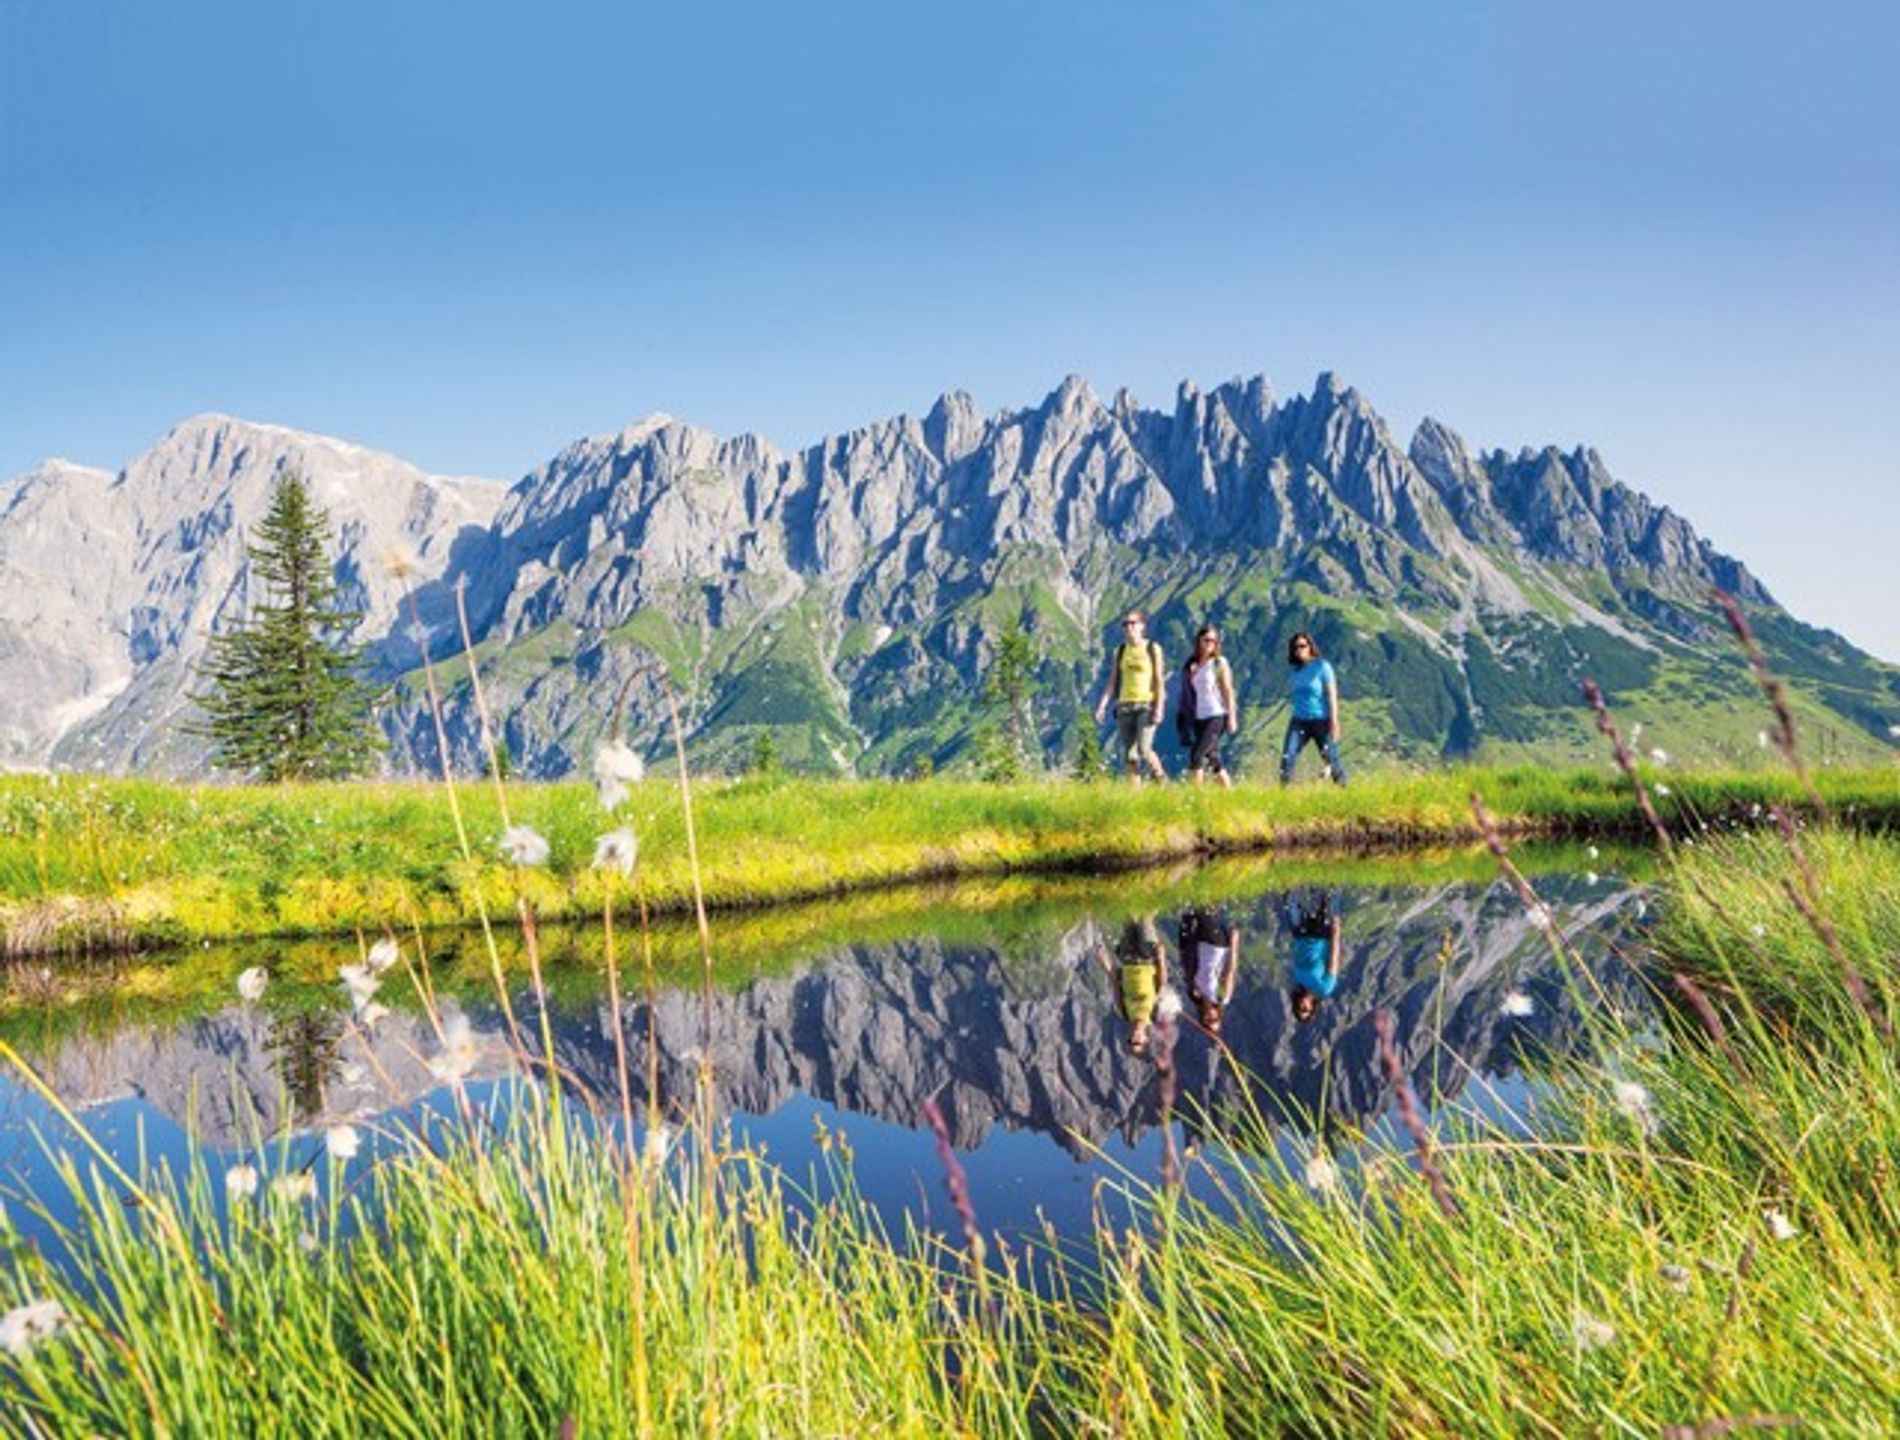 Hut to hut: Hiking in Salzburgerland